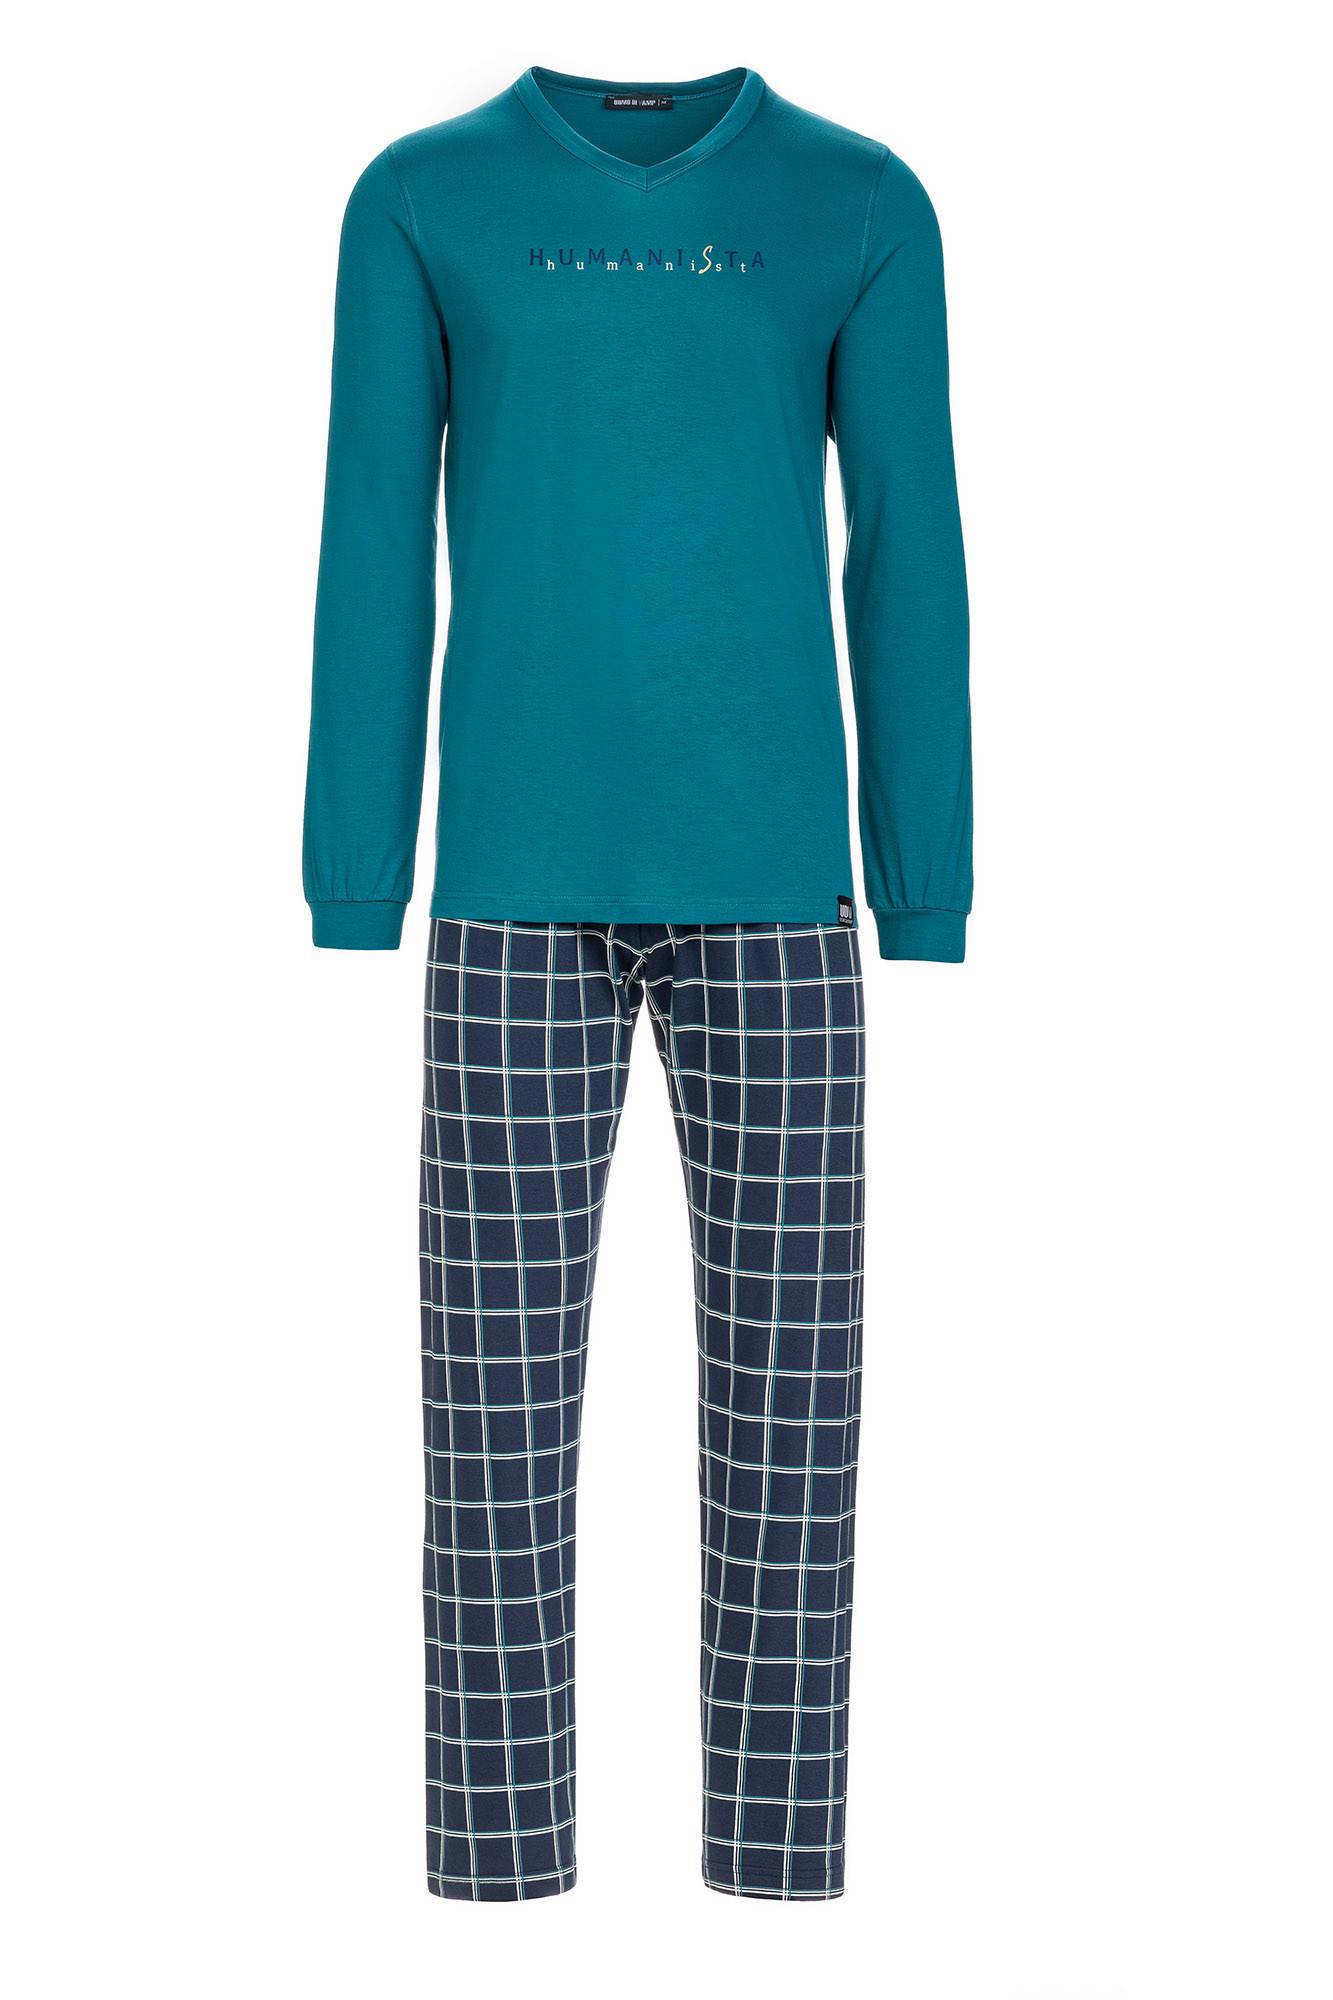 Vamp - Pánske pohodlné pyžamo 13625 - Vamp petrol 3XL